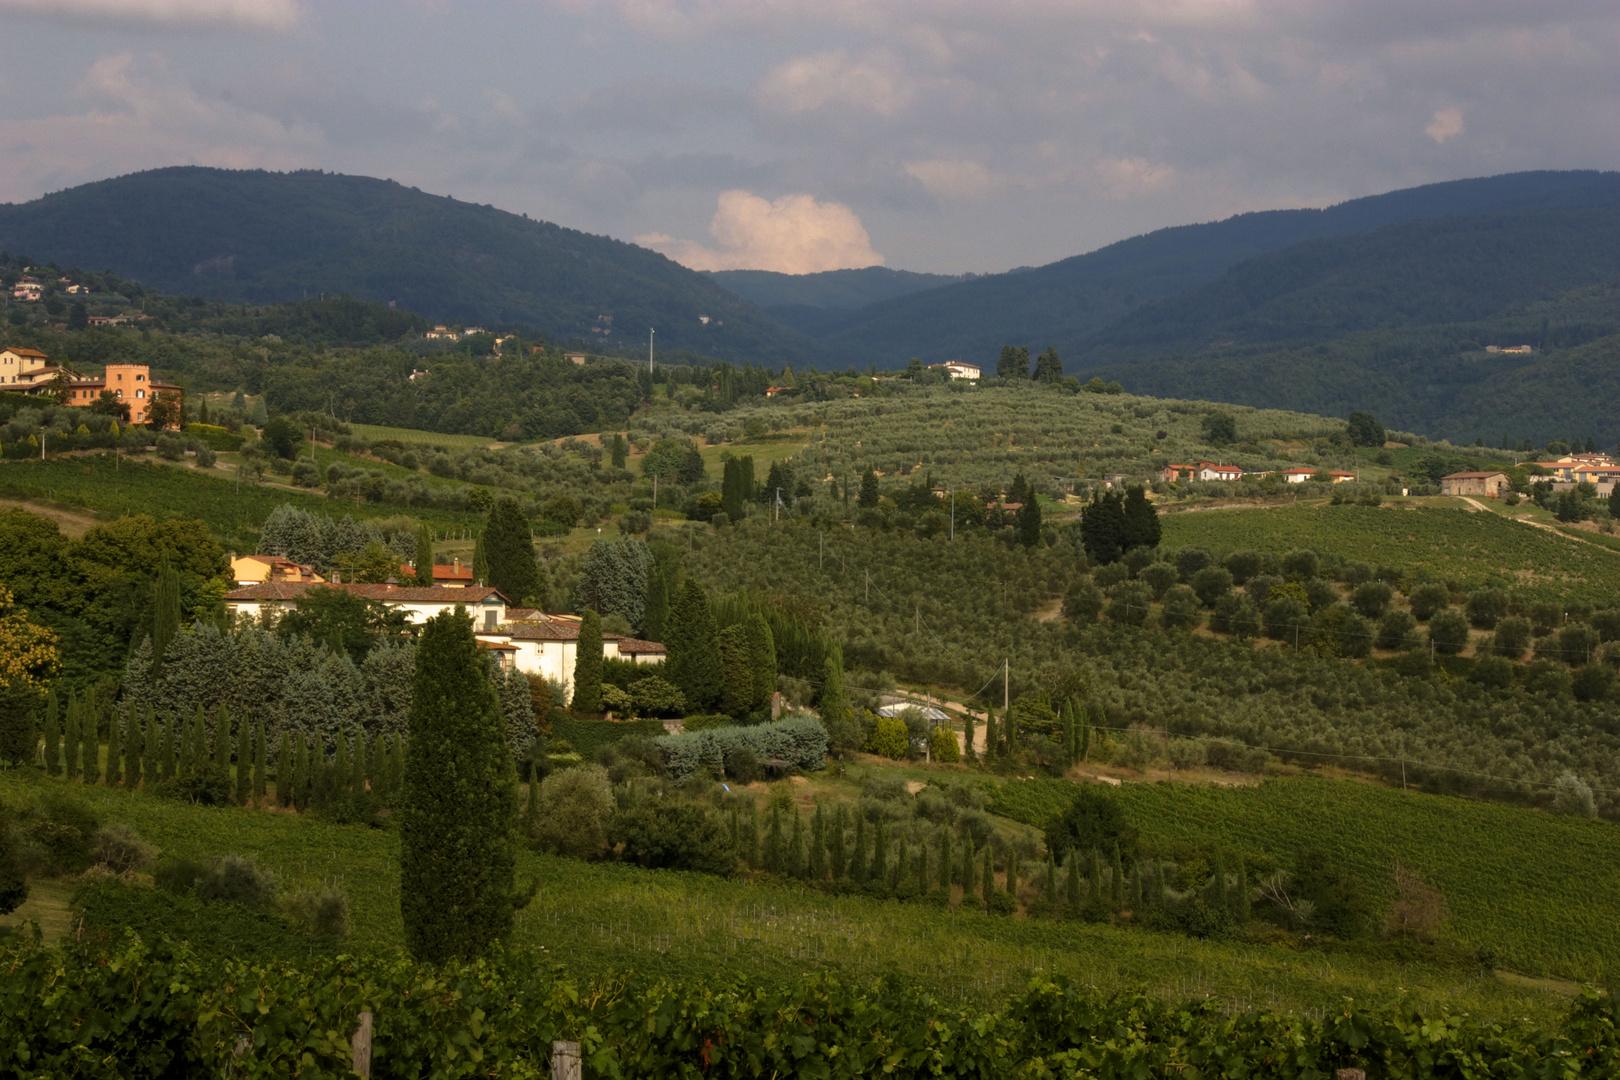 Agriturismo en Italia.